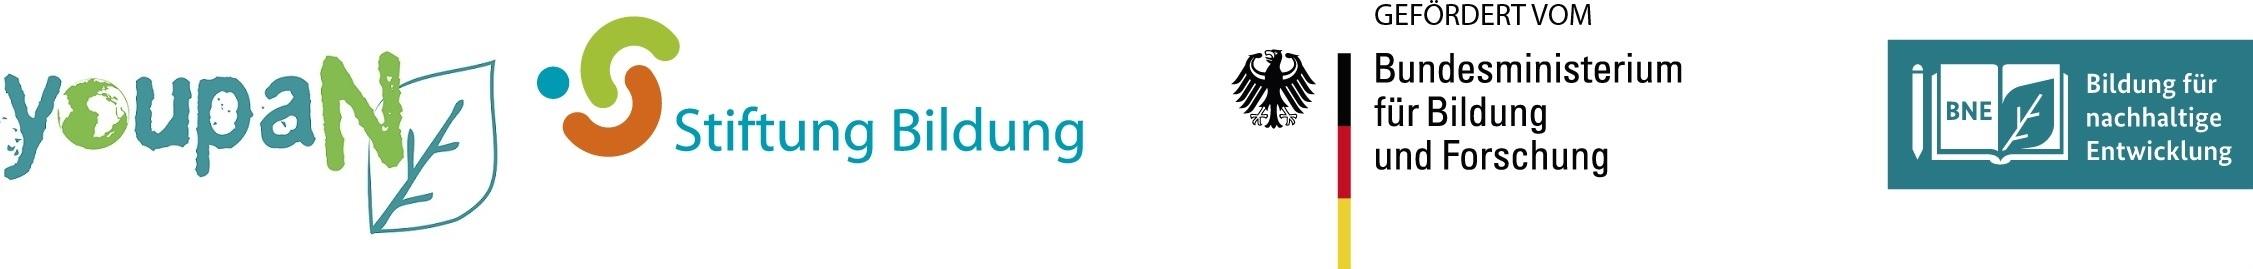 Logo-Leiste